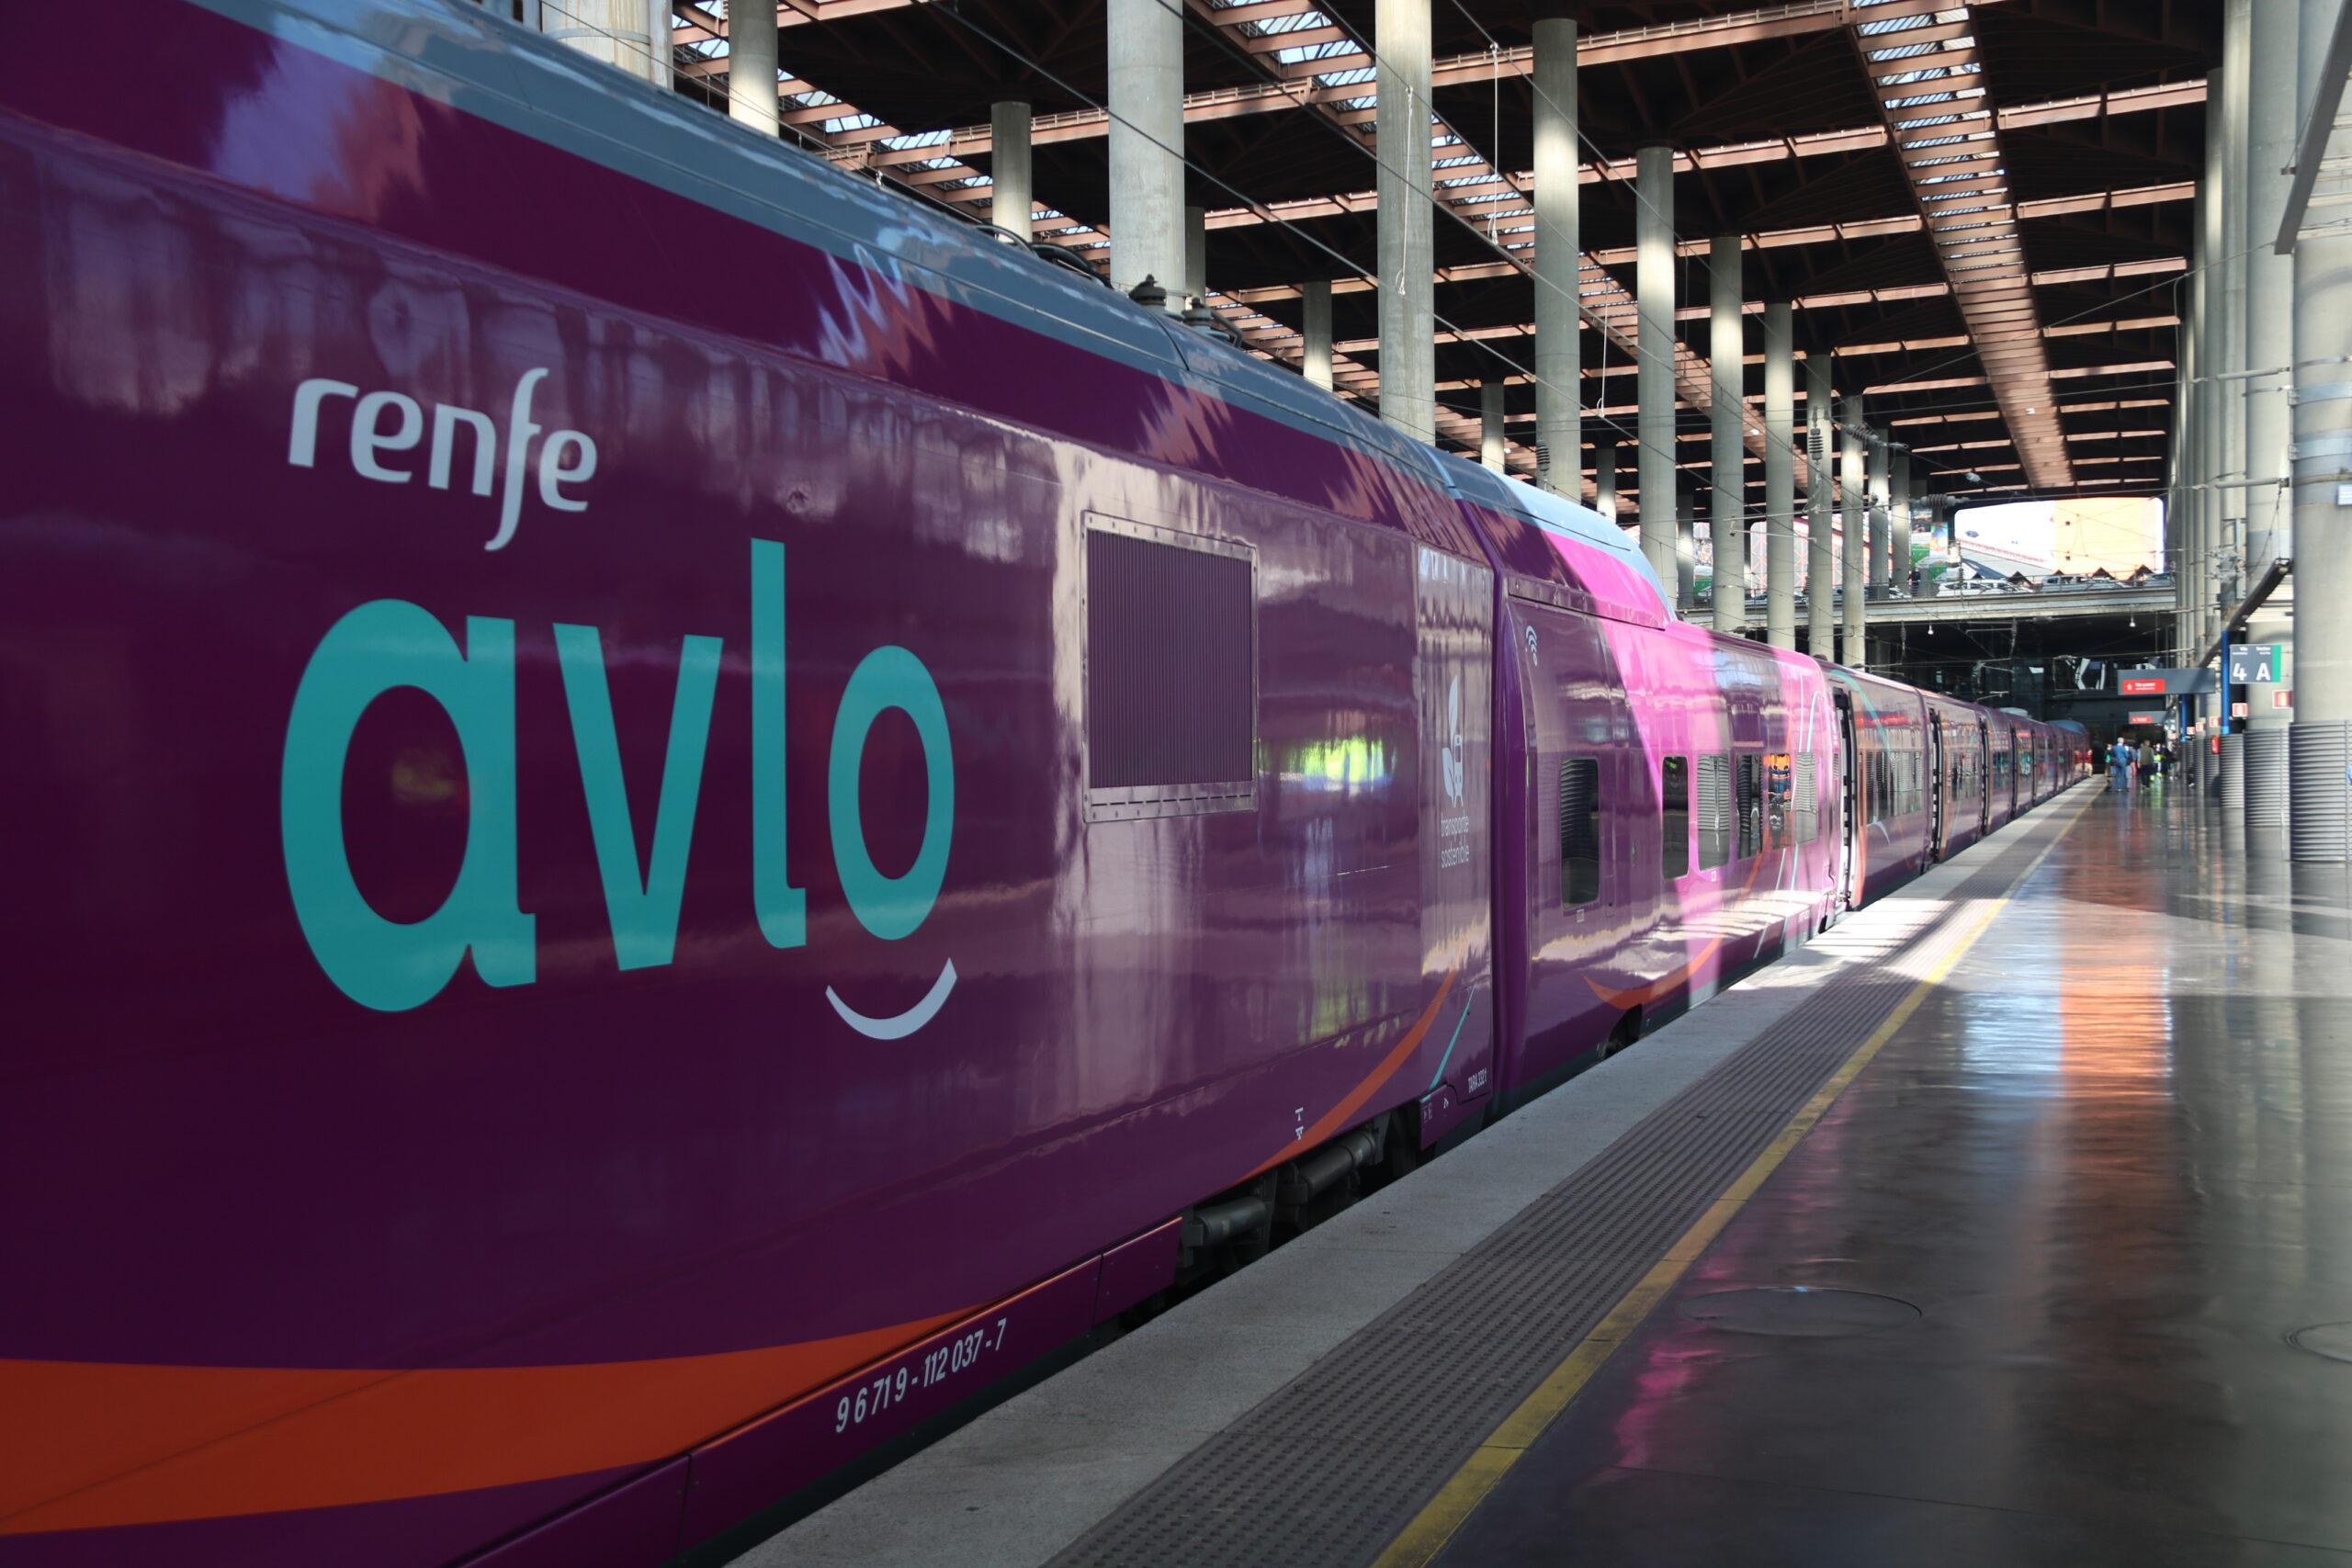 L'AVE 'low-cost' de Renfe / ACN